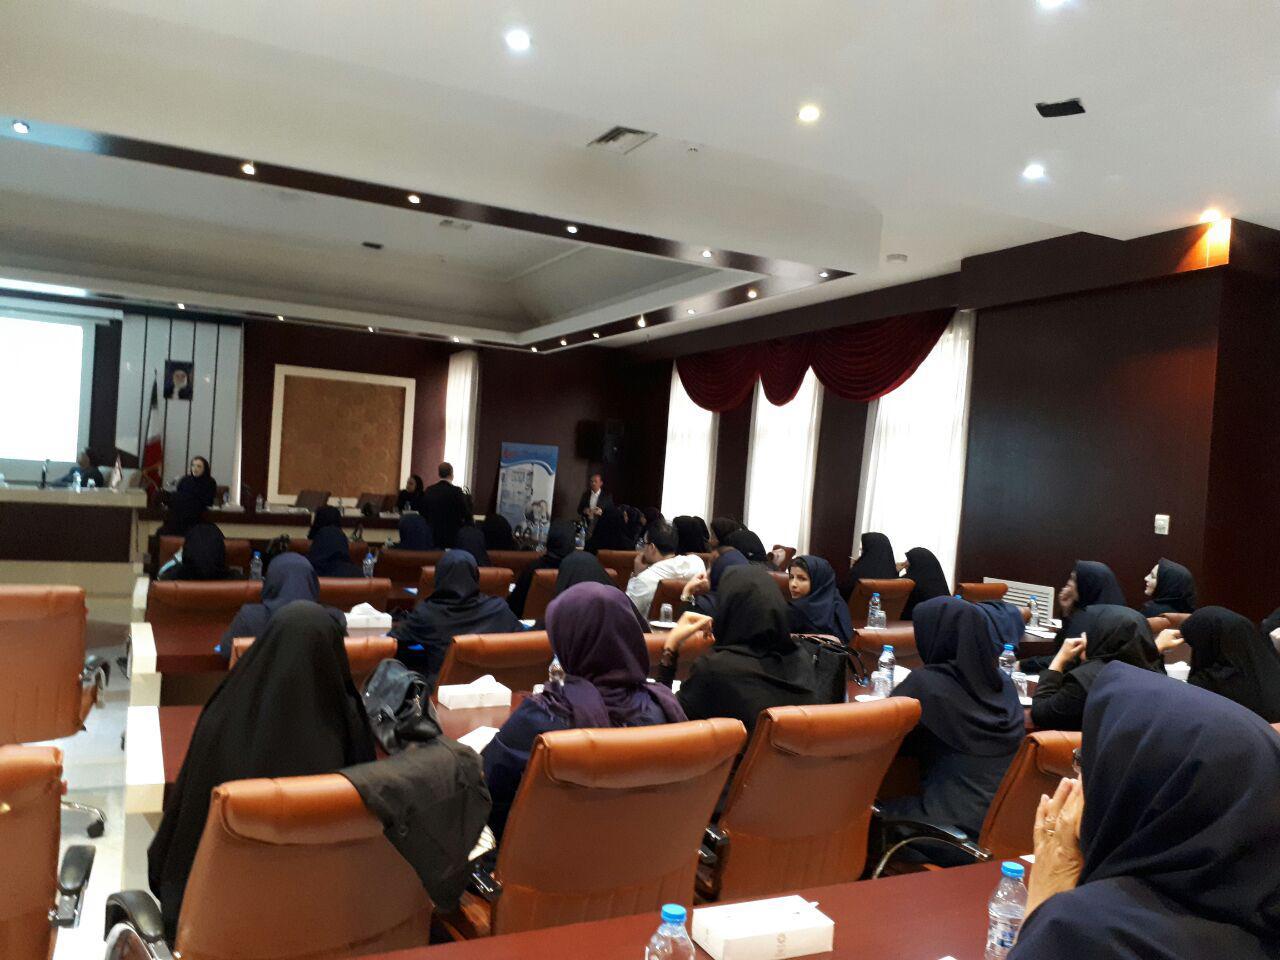 برگزاری سمینار آموزش پرستاری دستگاه های دیالیز  4008s Classic فرزنیوس در مشهد 24